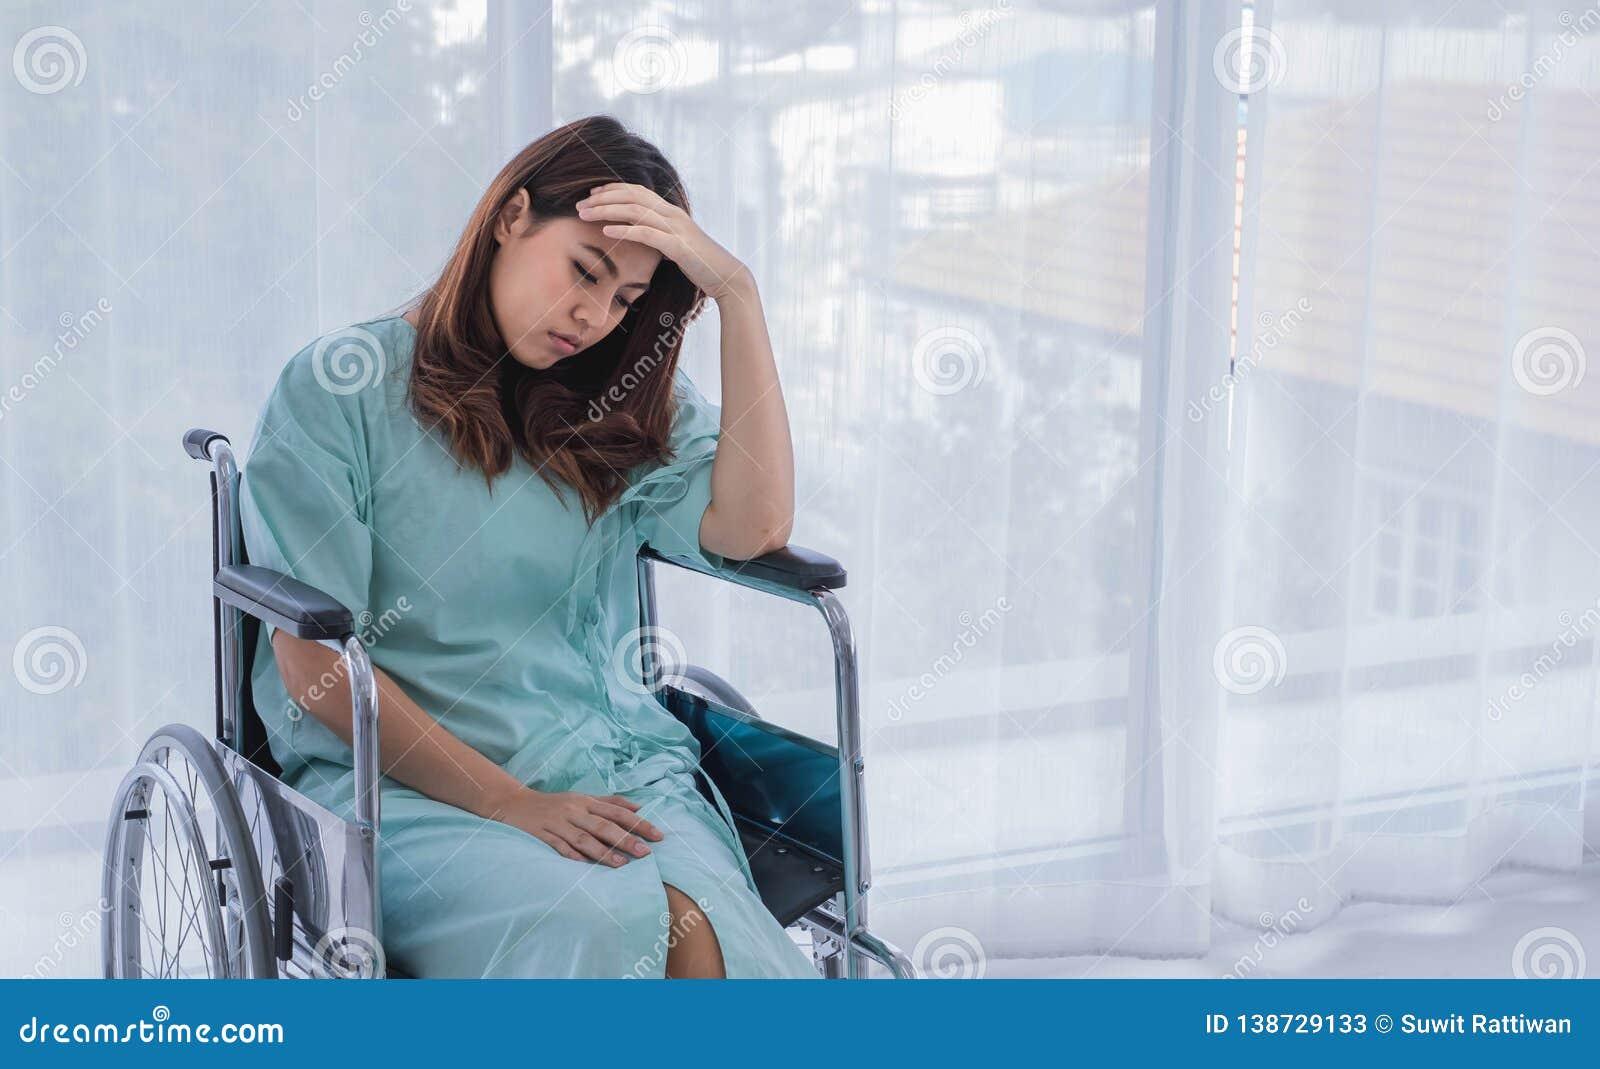 Δυστυχισμένη θηλυκή υπομονετική ανησυχία για την ιατρική αμοιβή της